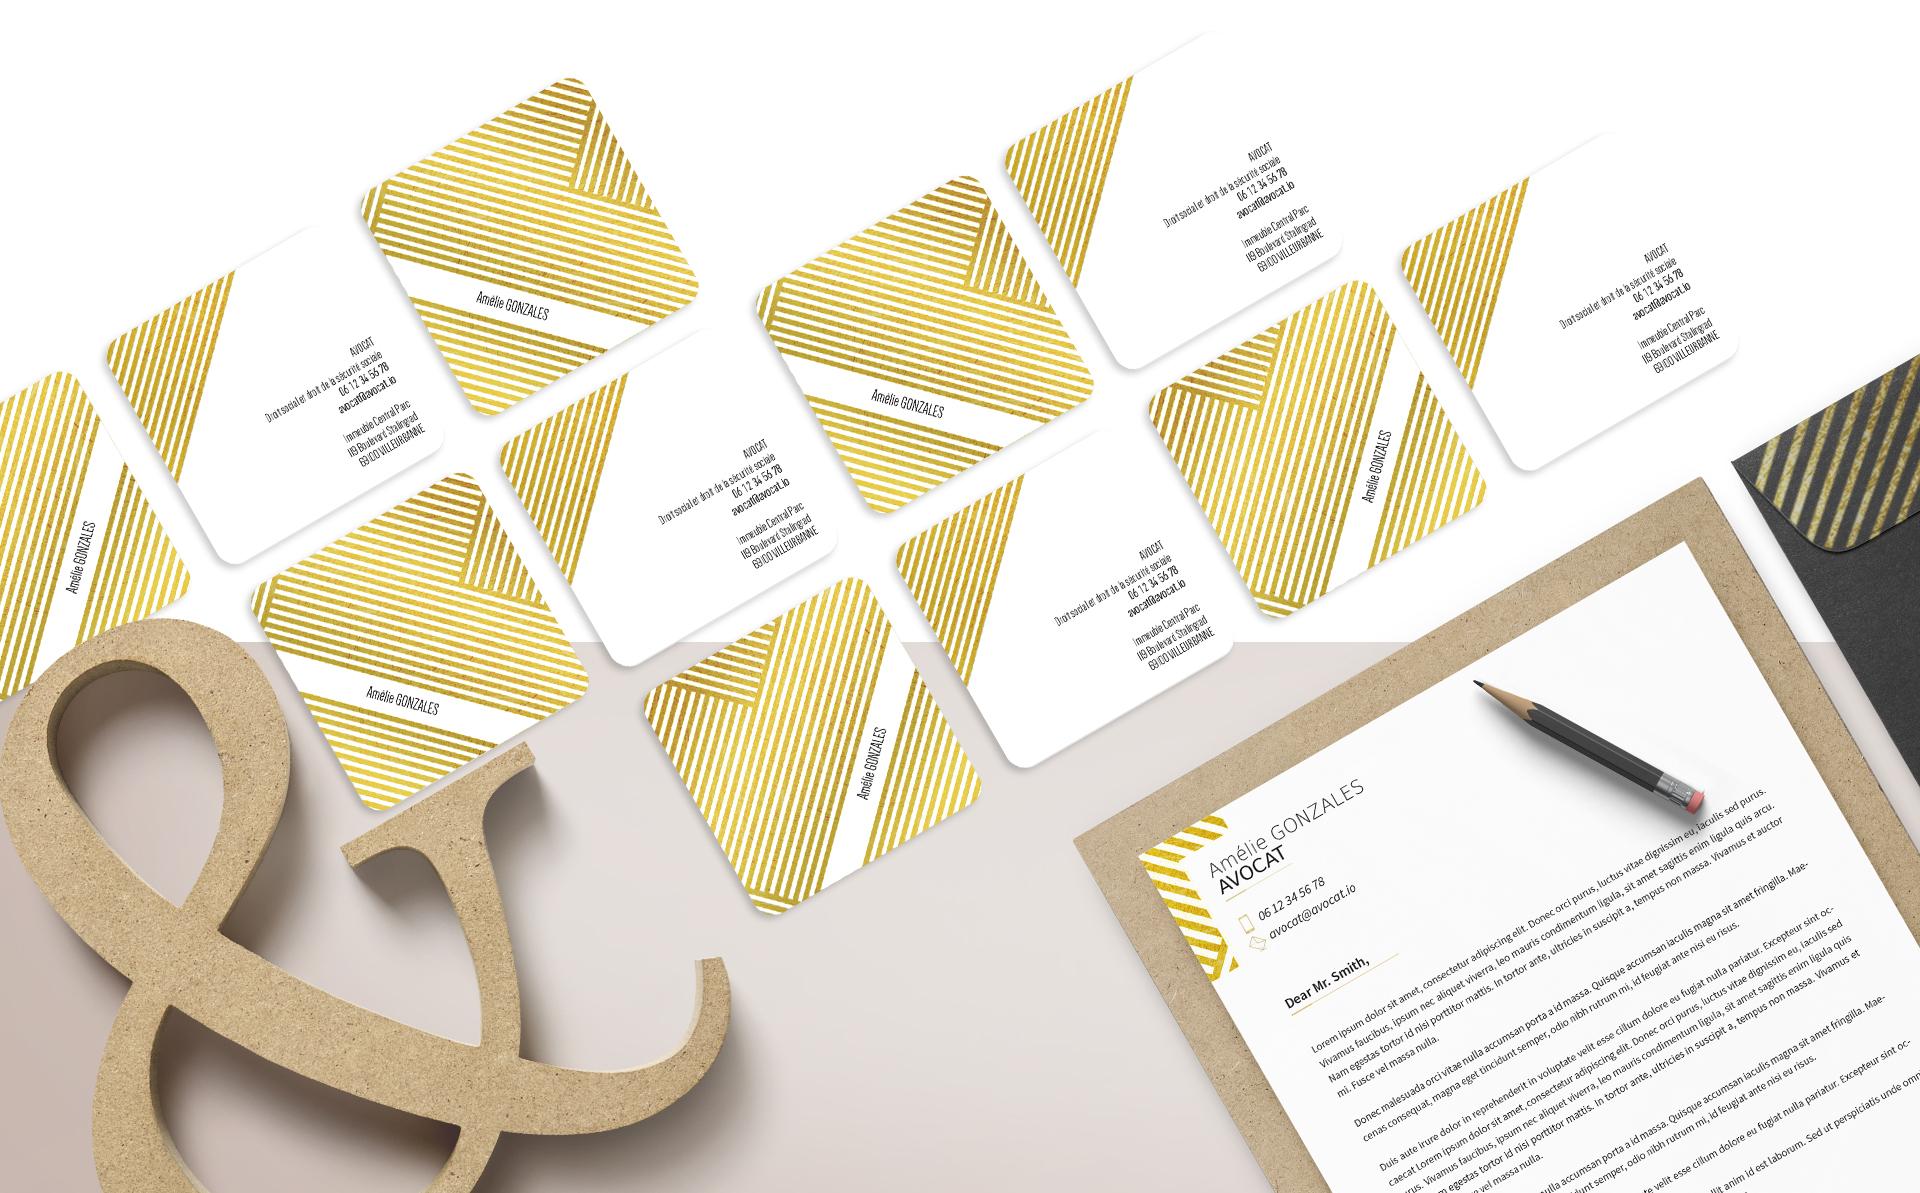 Direction artistique de l'identité visuelle & conception de la carte de visite et du papier à en-tête pour un avocat en droit social & droit de la sécurité sociale.